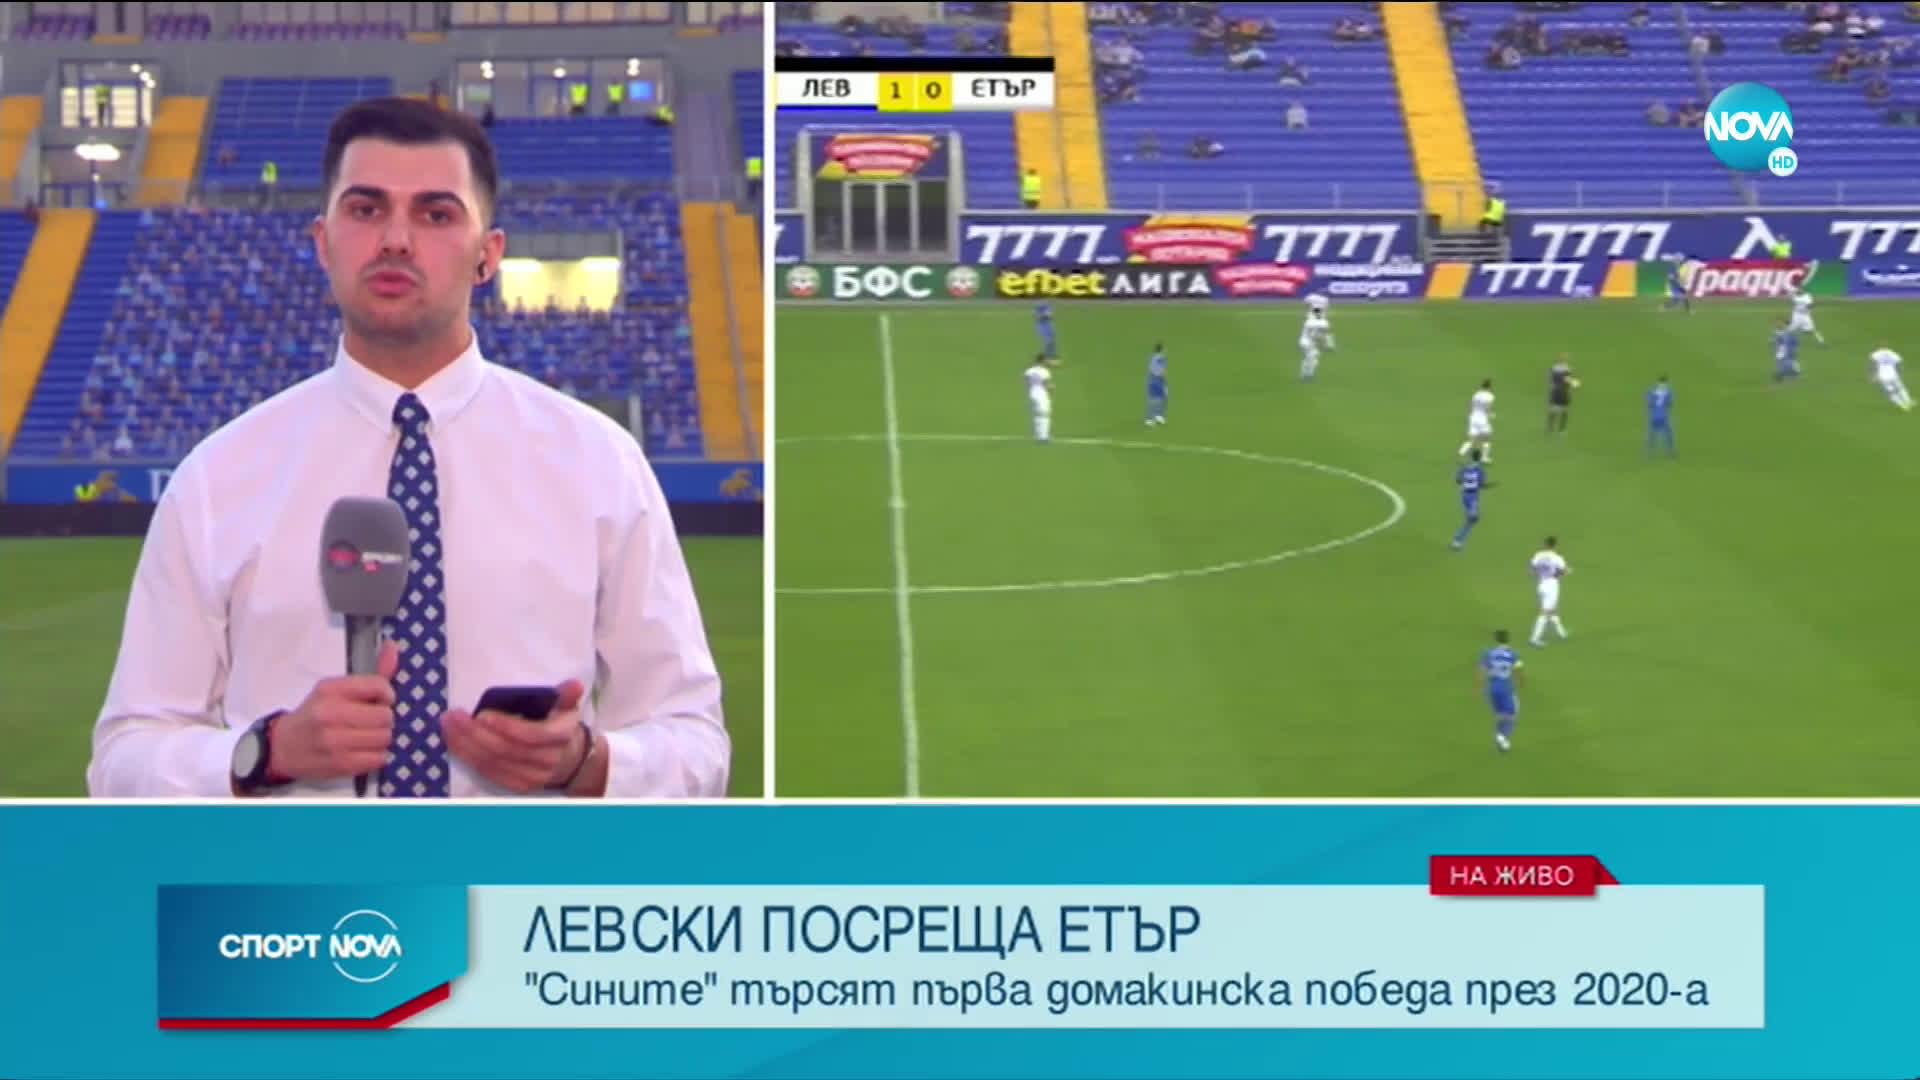 Спортни новини (13.09.2020 - централна емисия)